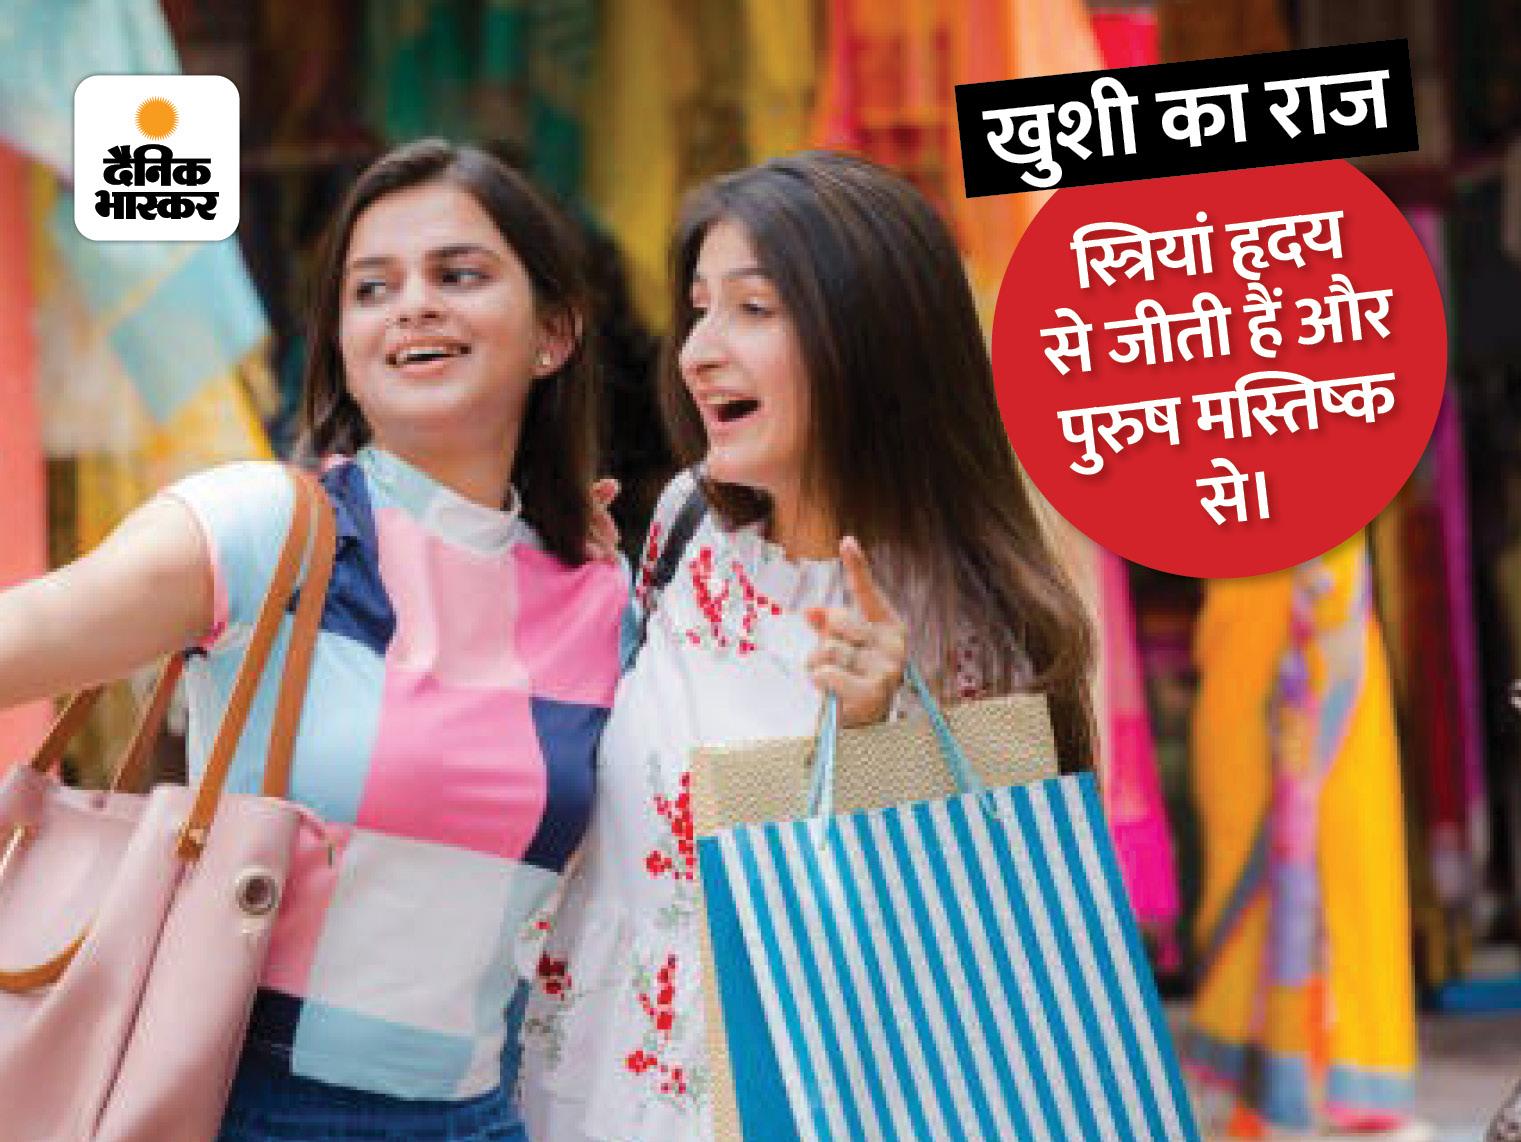 खुशी के मामले में पुरुषों से आगे हैं महिलाएं वुमन,Women - Dainik Bhaskar